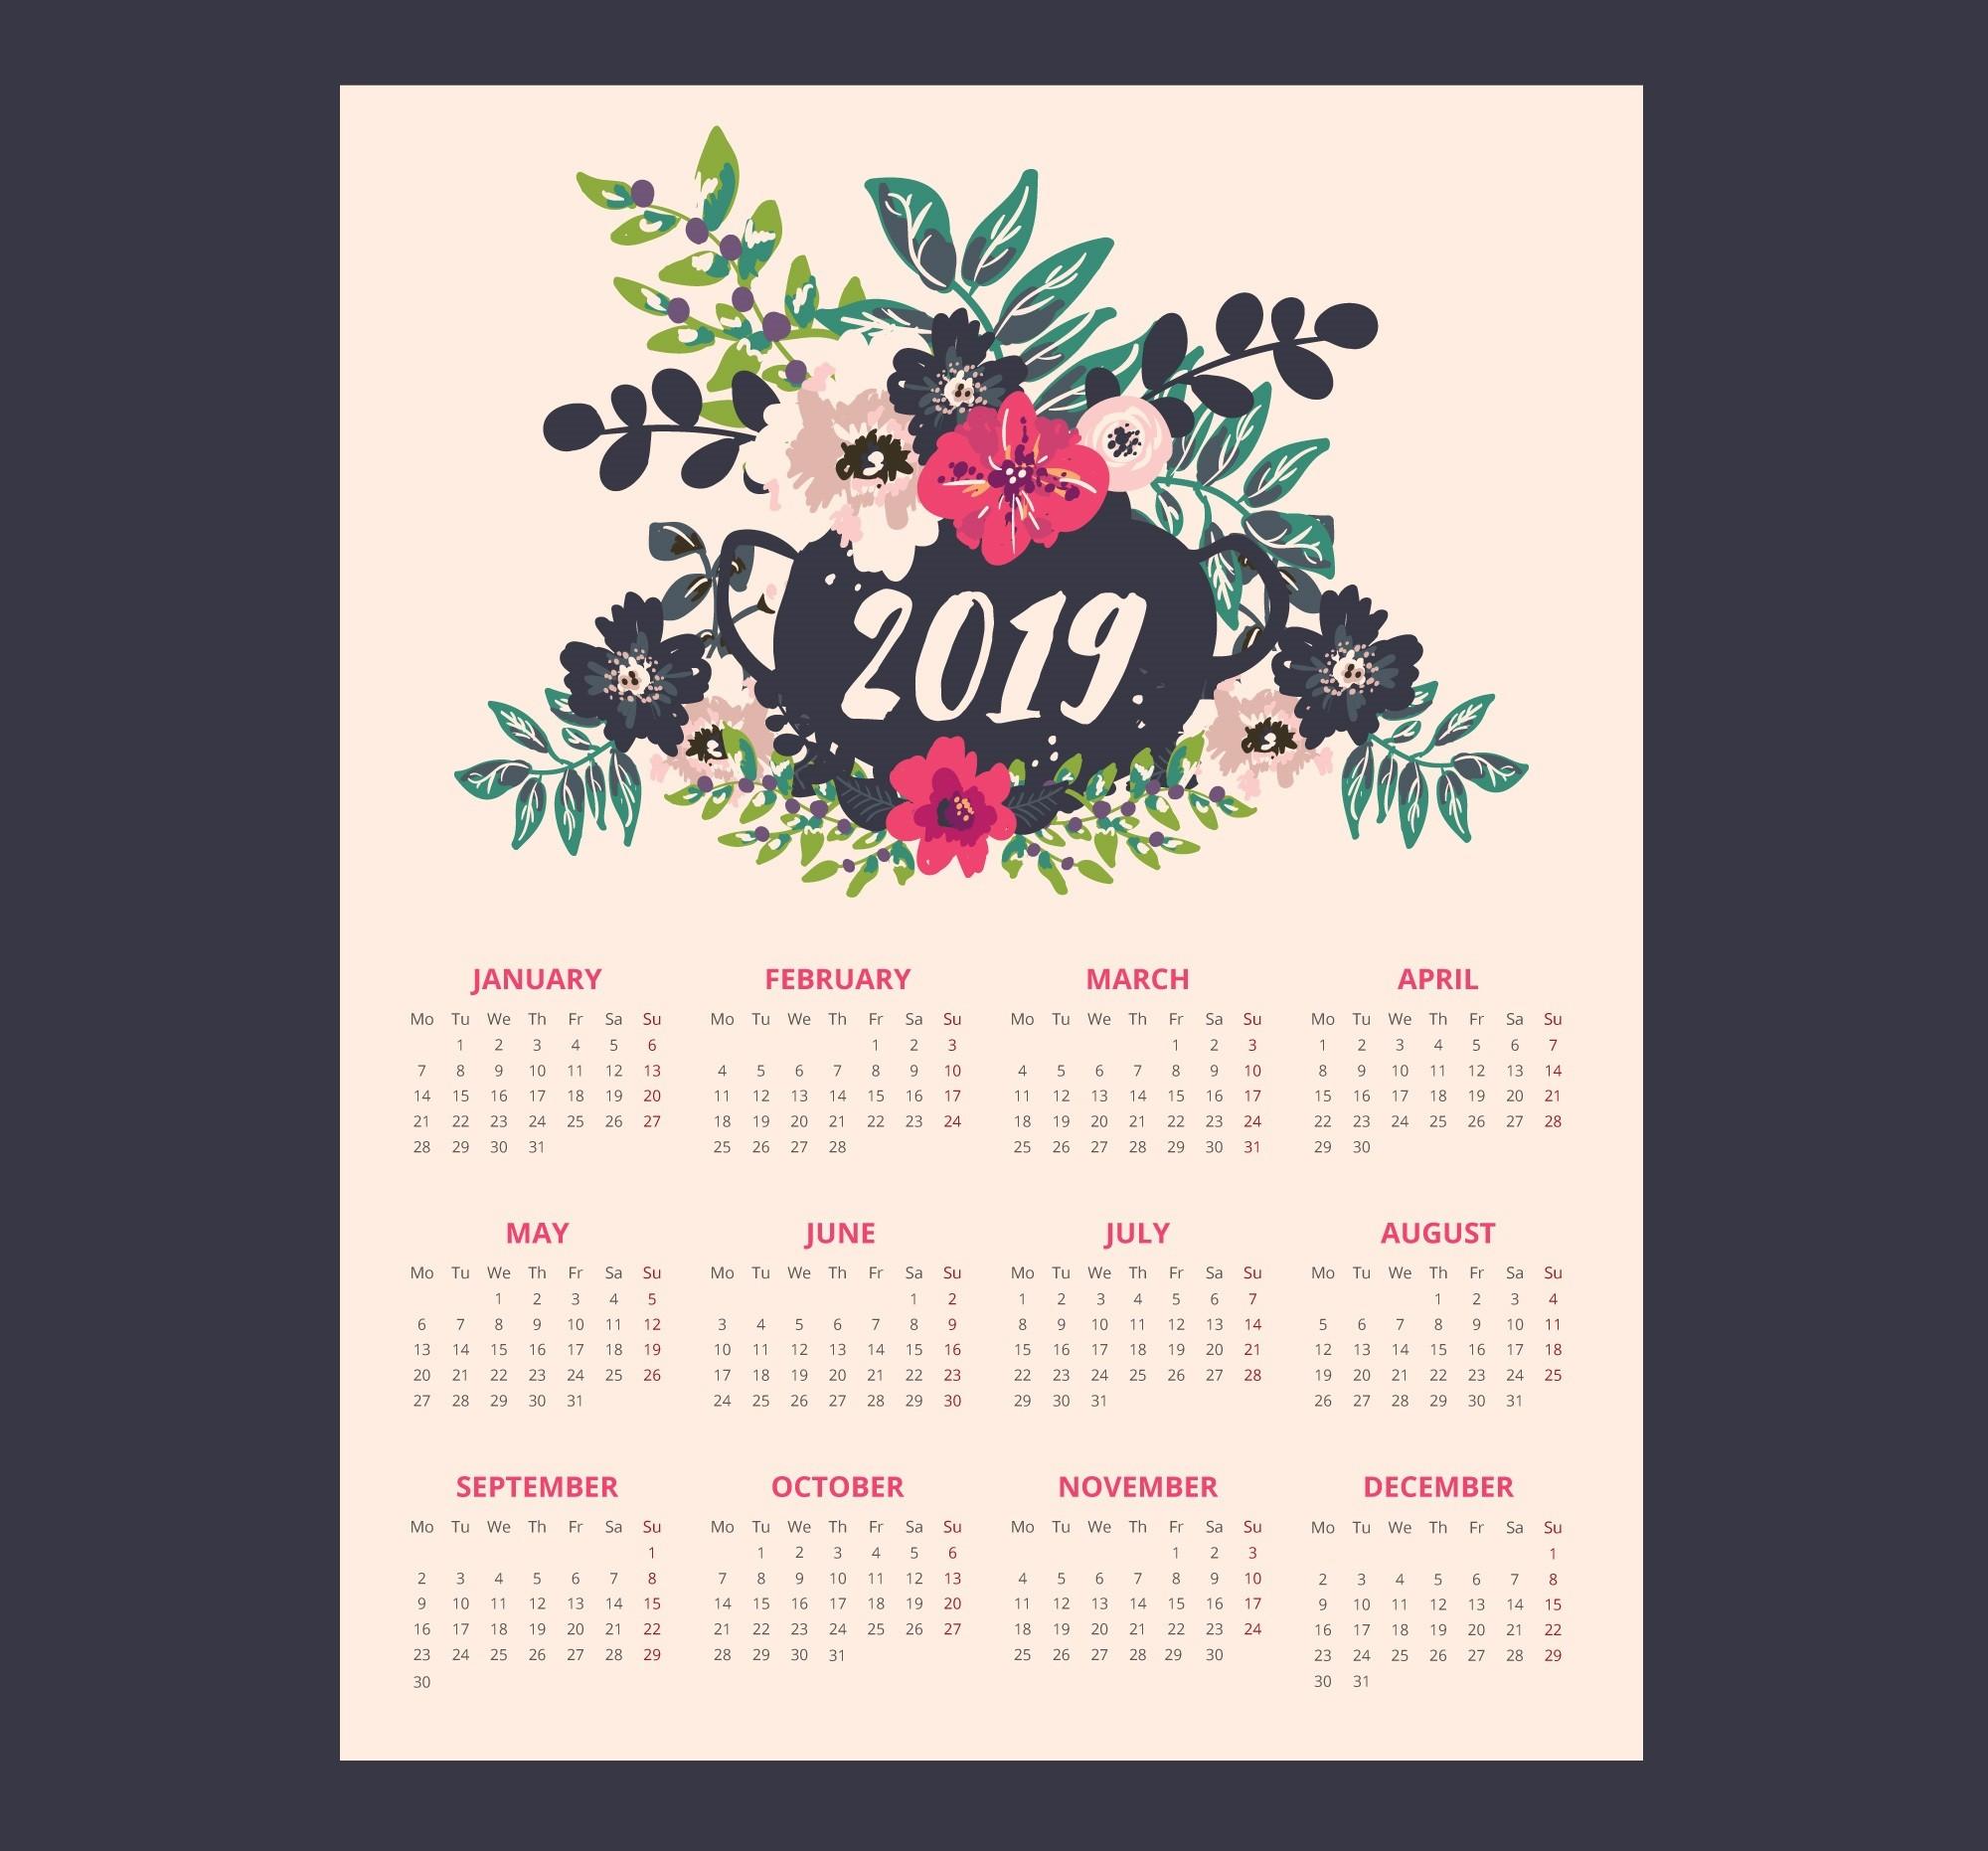 Kalender 2019 Pdf Free Download Más Populares Free Printable 2019 Calendar Of Kalender 2019 Pdf Free Download Más Recientemente Liberado Pretty November 2018 Calendar